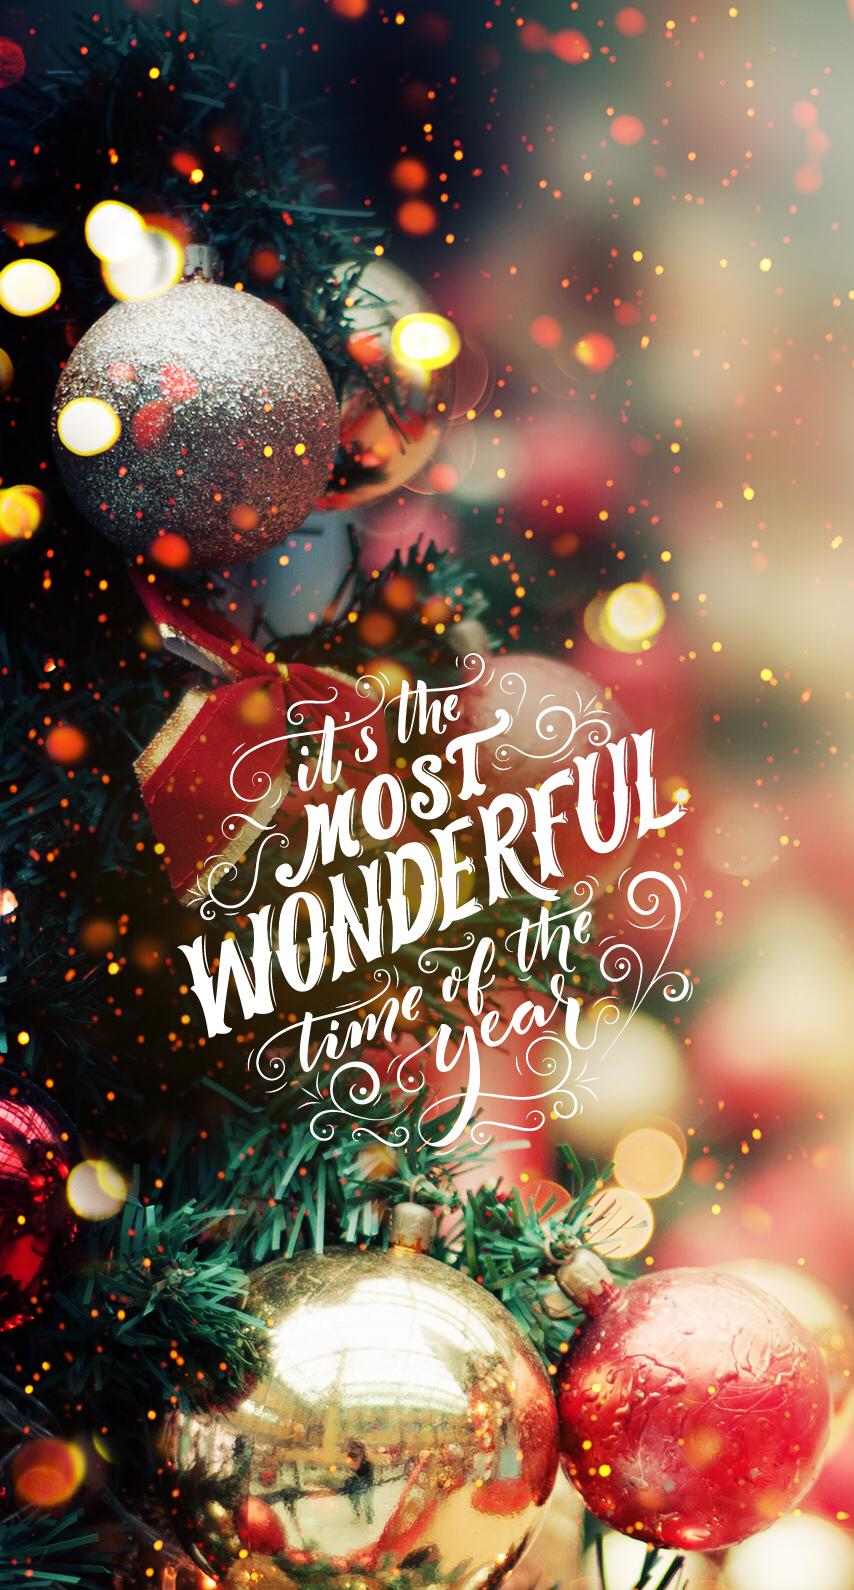 クリスマス おしゃれまとめの人気アイデア Pinterest 武 石川 クリスマスの壁紙 クリスマスアレンジメント ウィンターワンダーランド